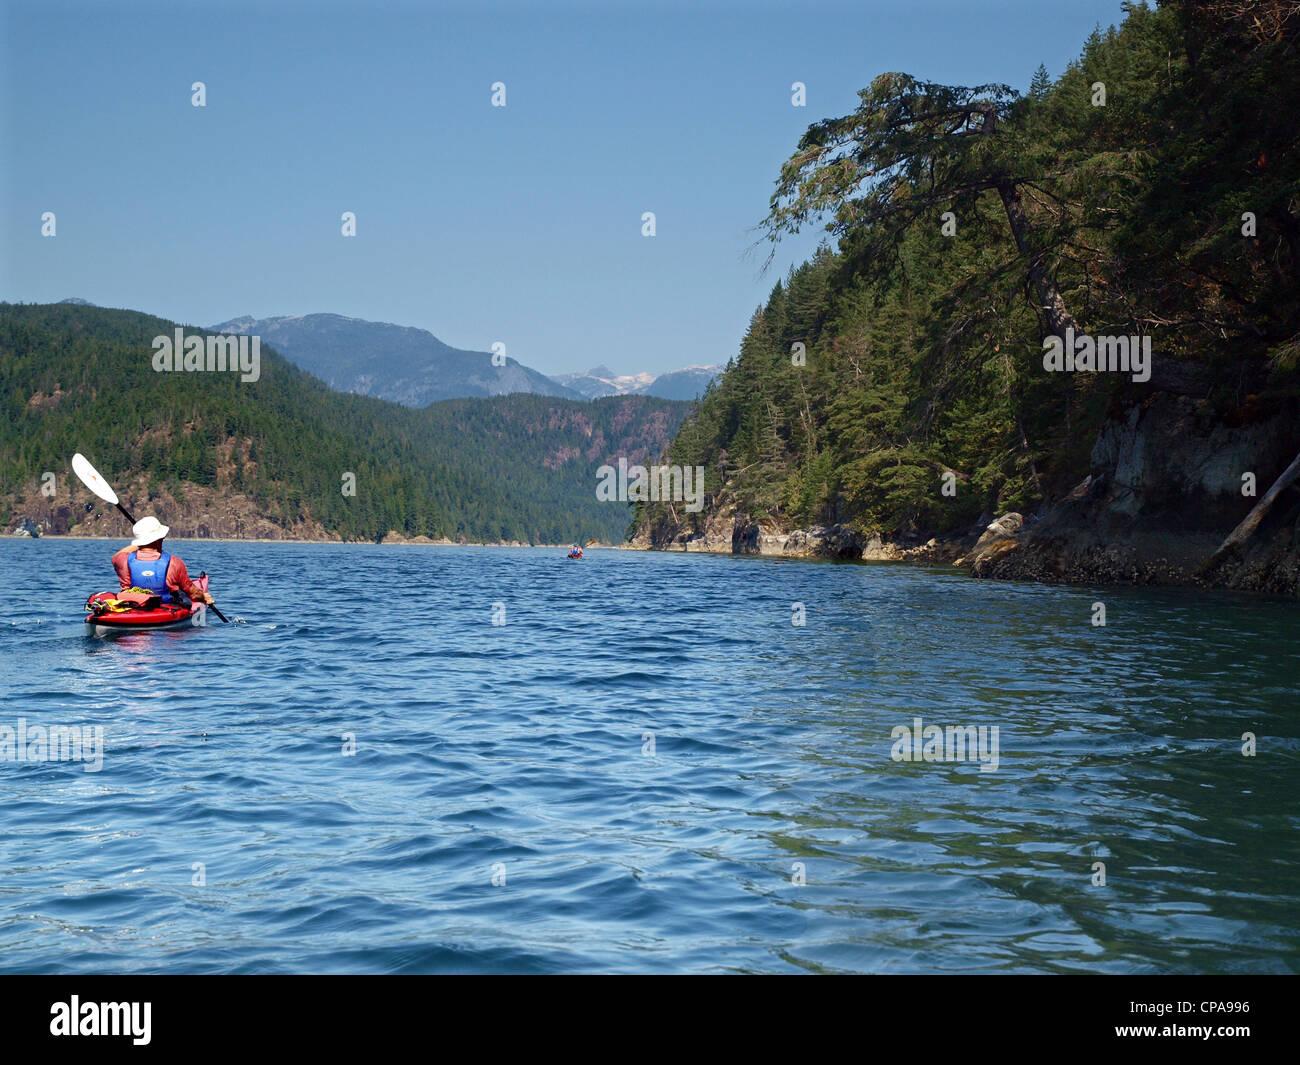 Sea kayaking in Desolation Sound, British Columbia - Stock Image